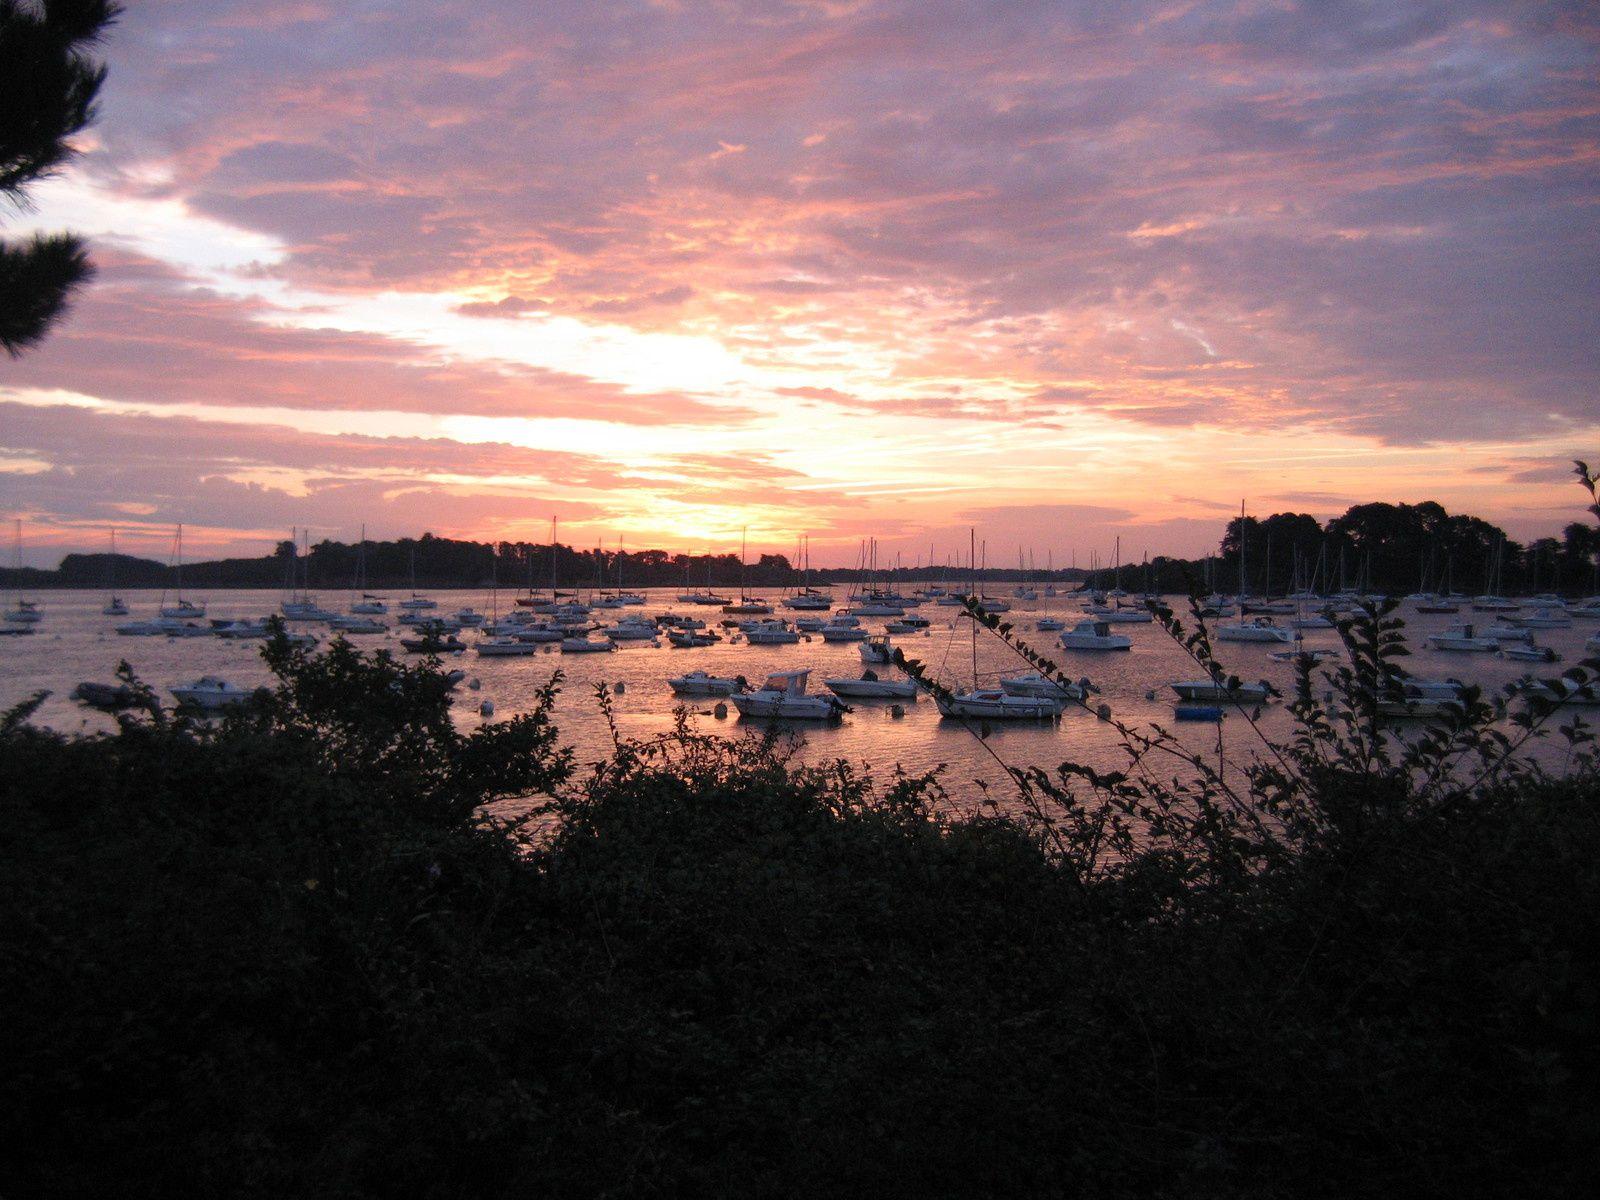 Belles couleurs matinales à 7h57 du matin (dixit appareil photo de Doumé)